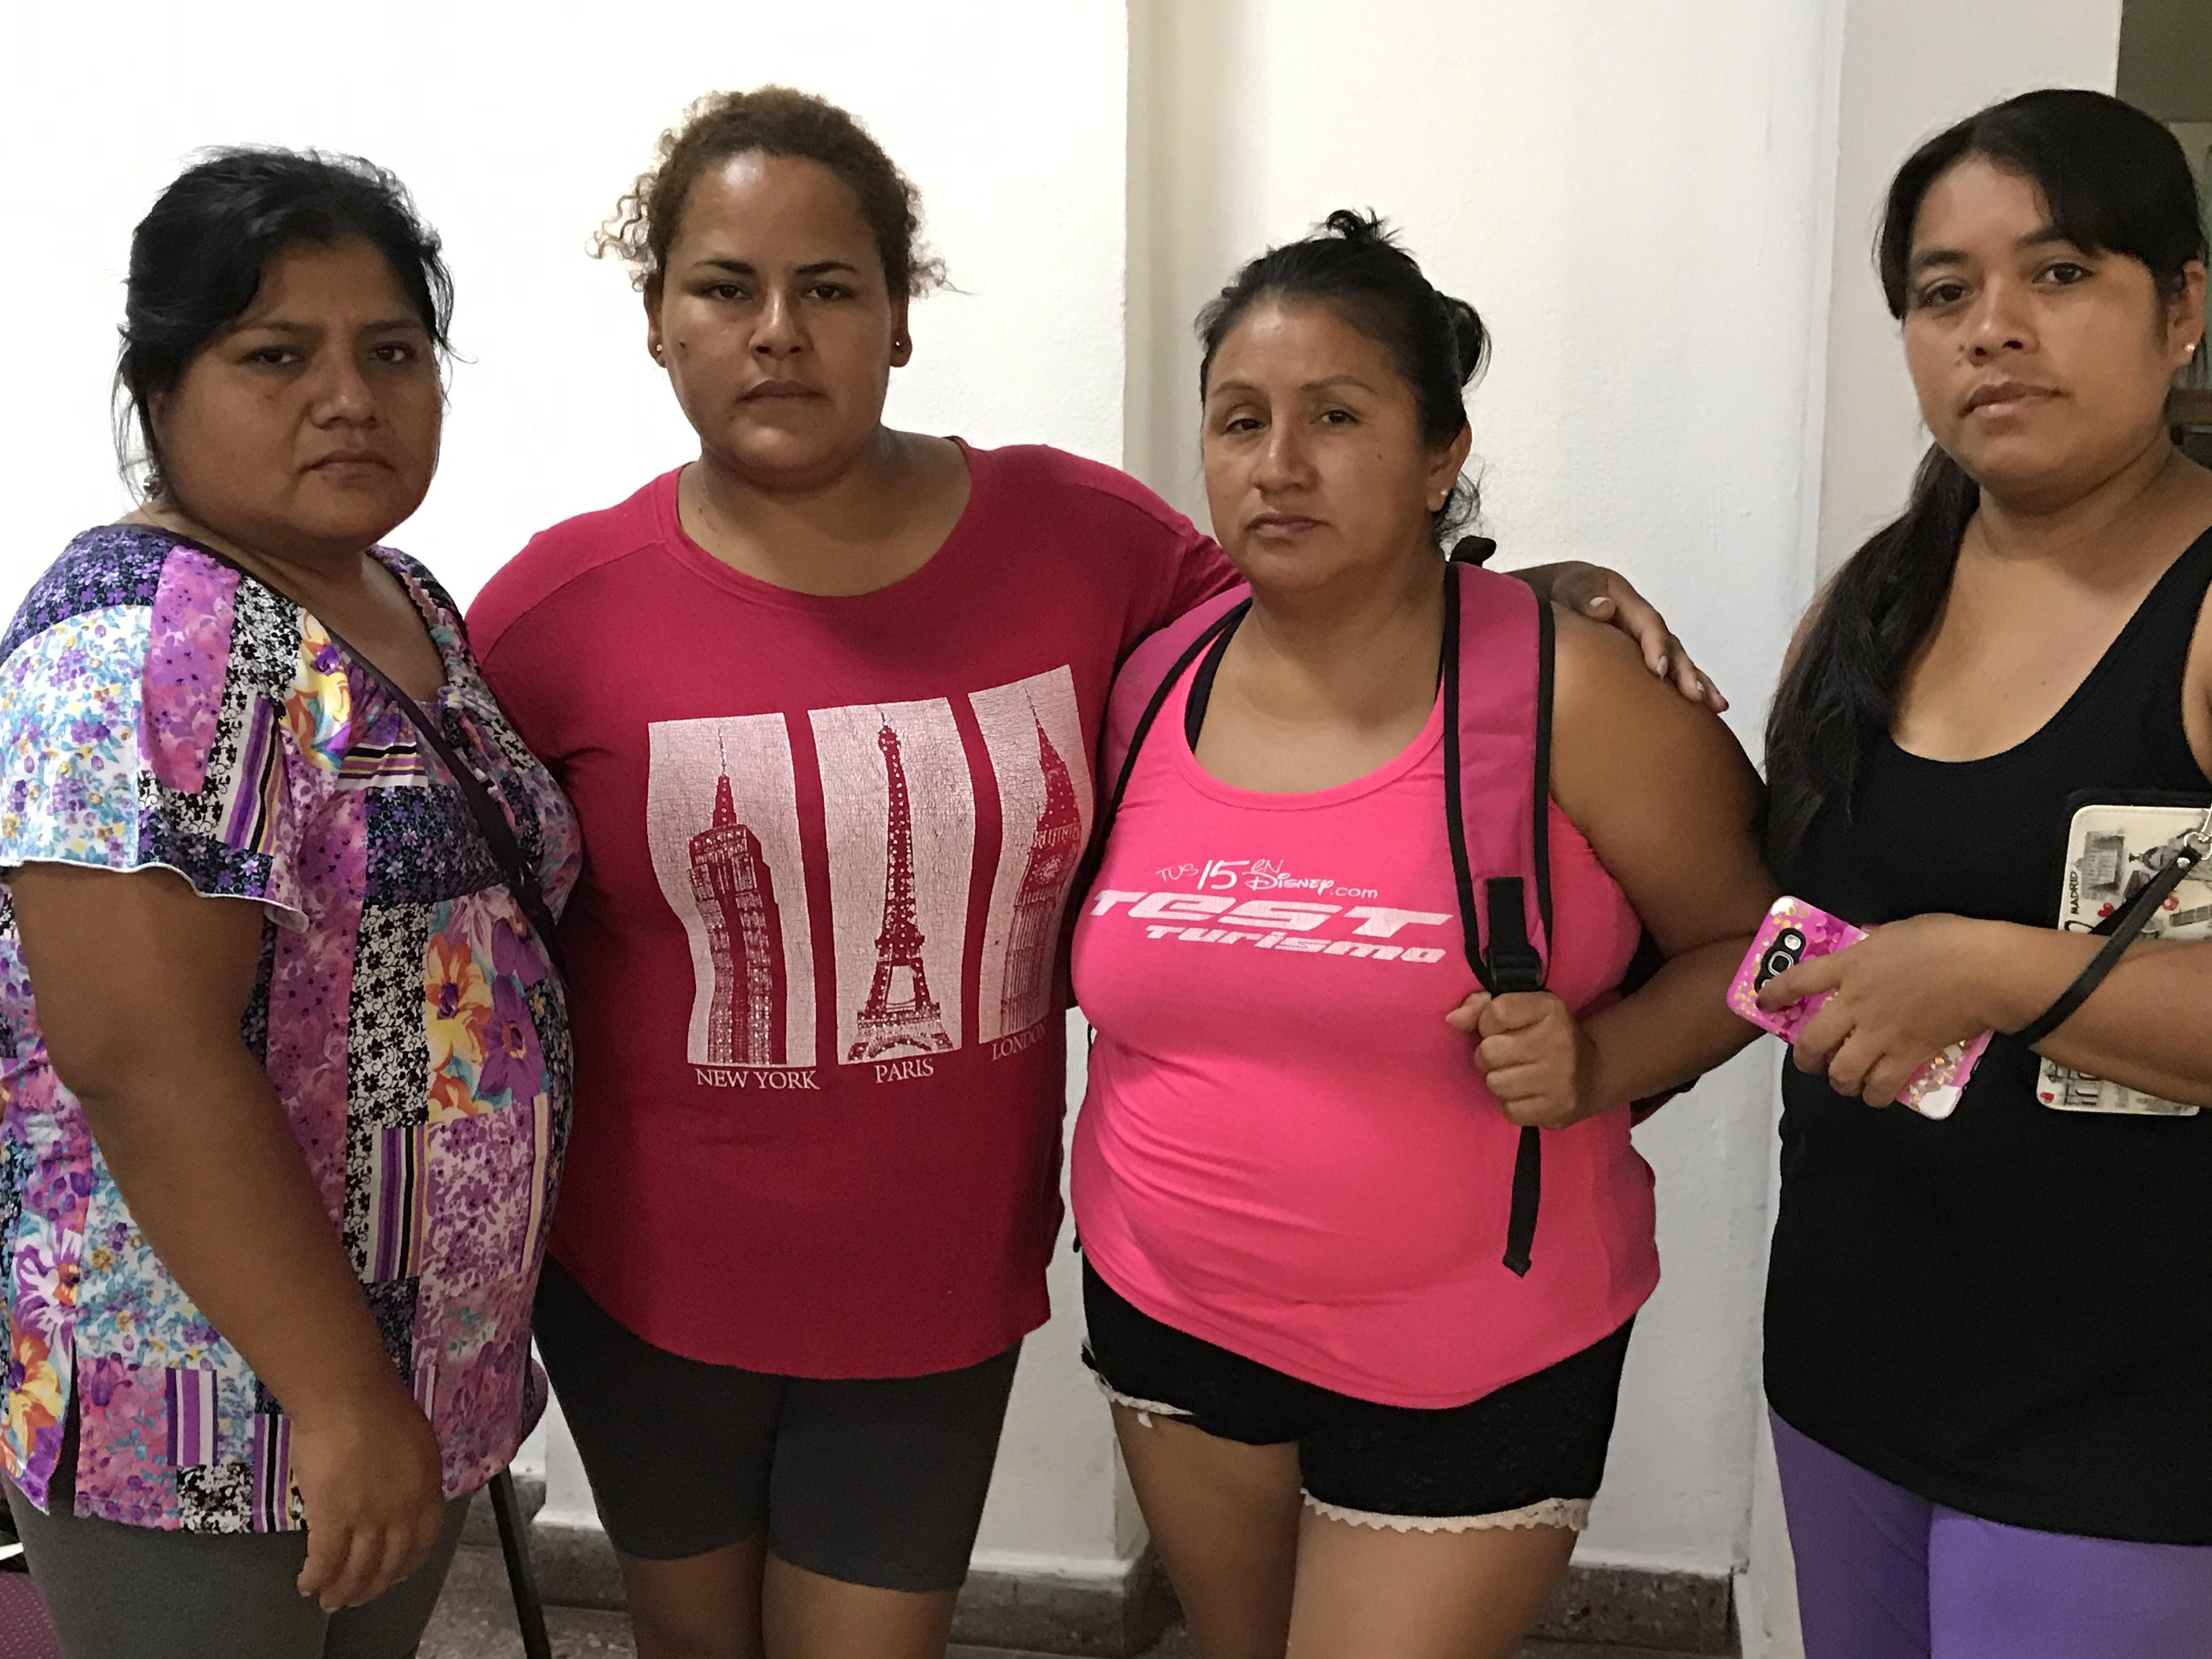 Renovado pedido de ayuda de Janett y su familia: Están en la calle tras haber pedido todo en un incendio